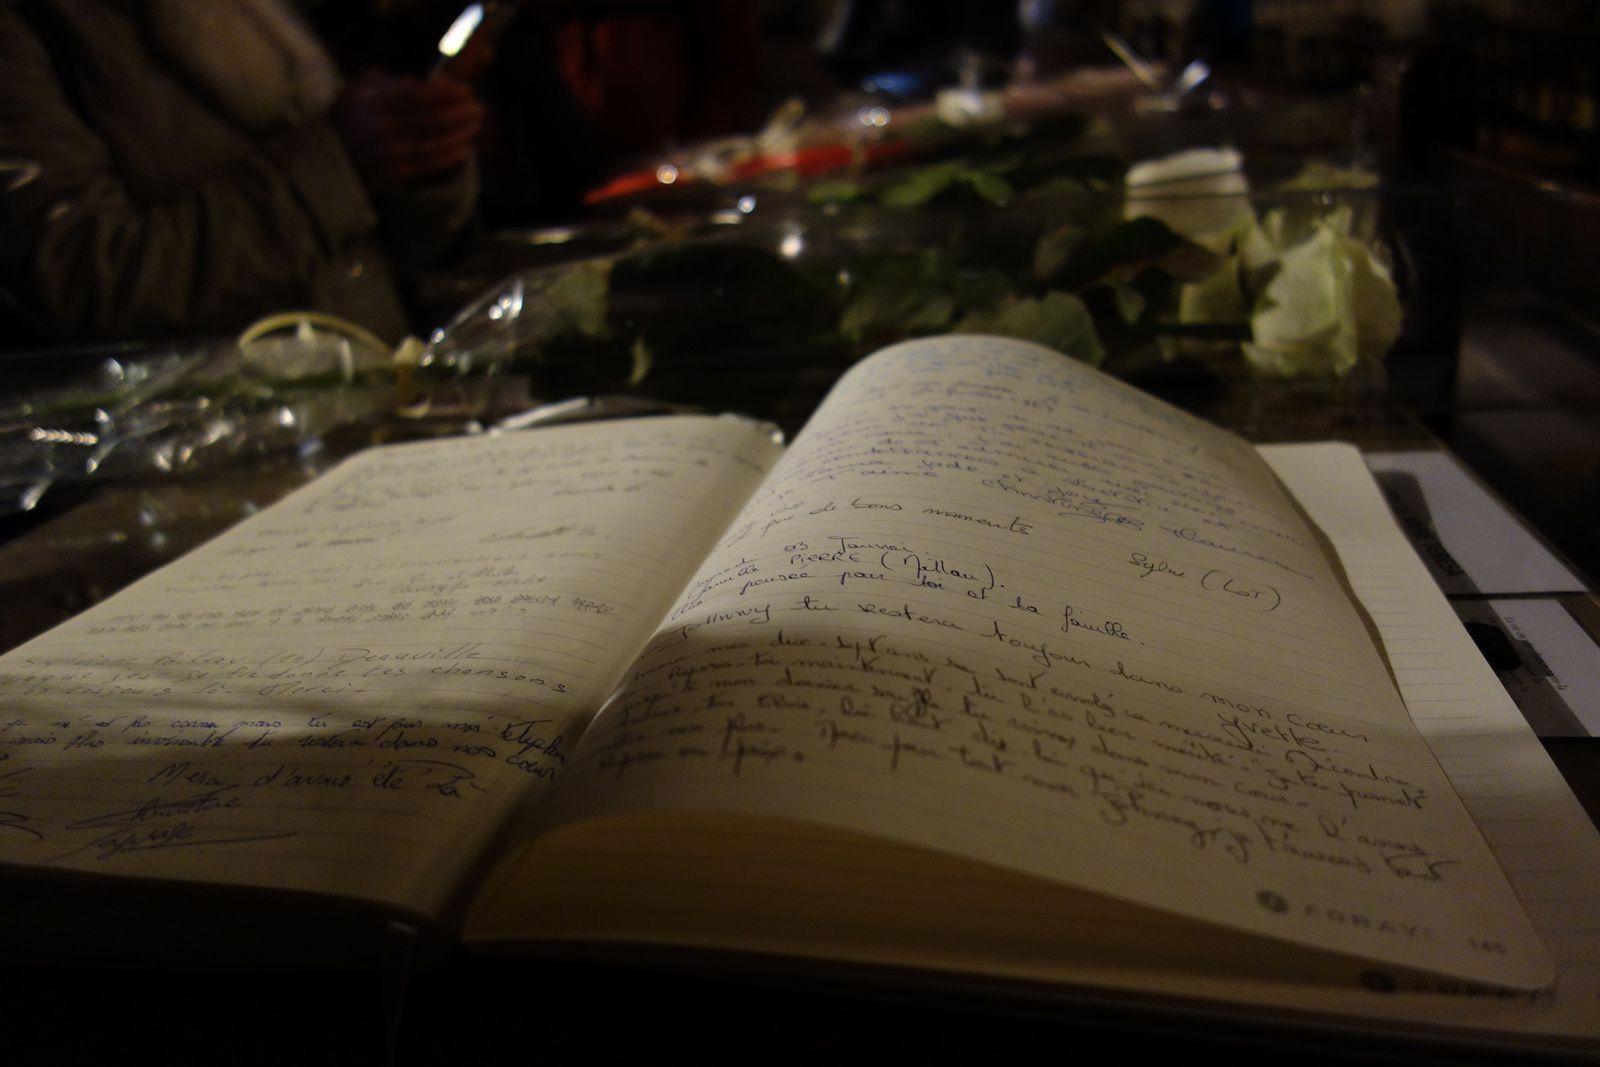 ainsi qu'à l'intérieur de l'église, un livre reste ouvert pour y déposer un message, et qui sera remis à la famille.